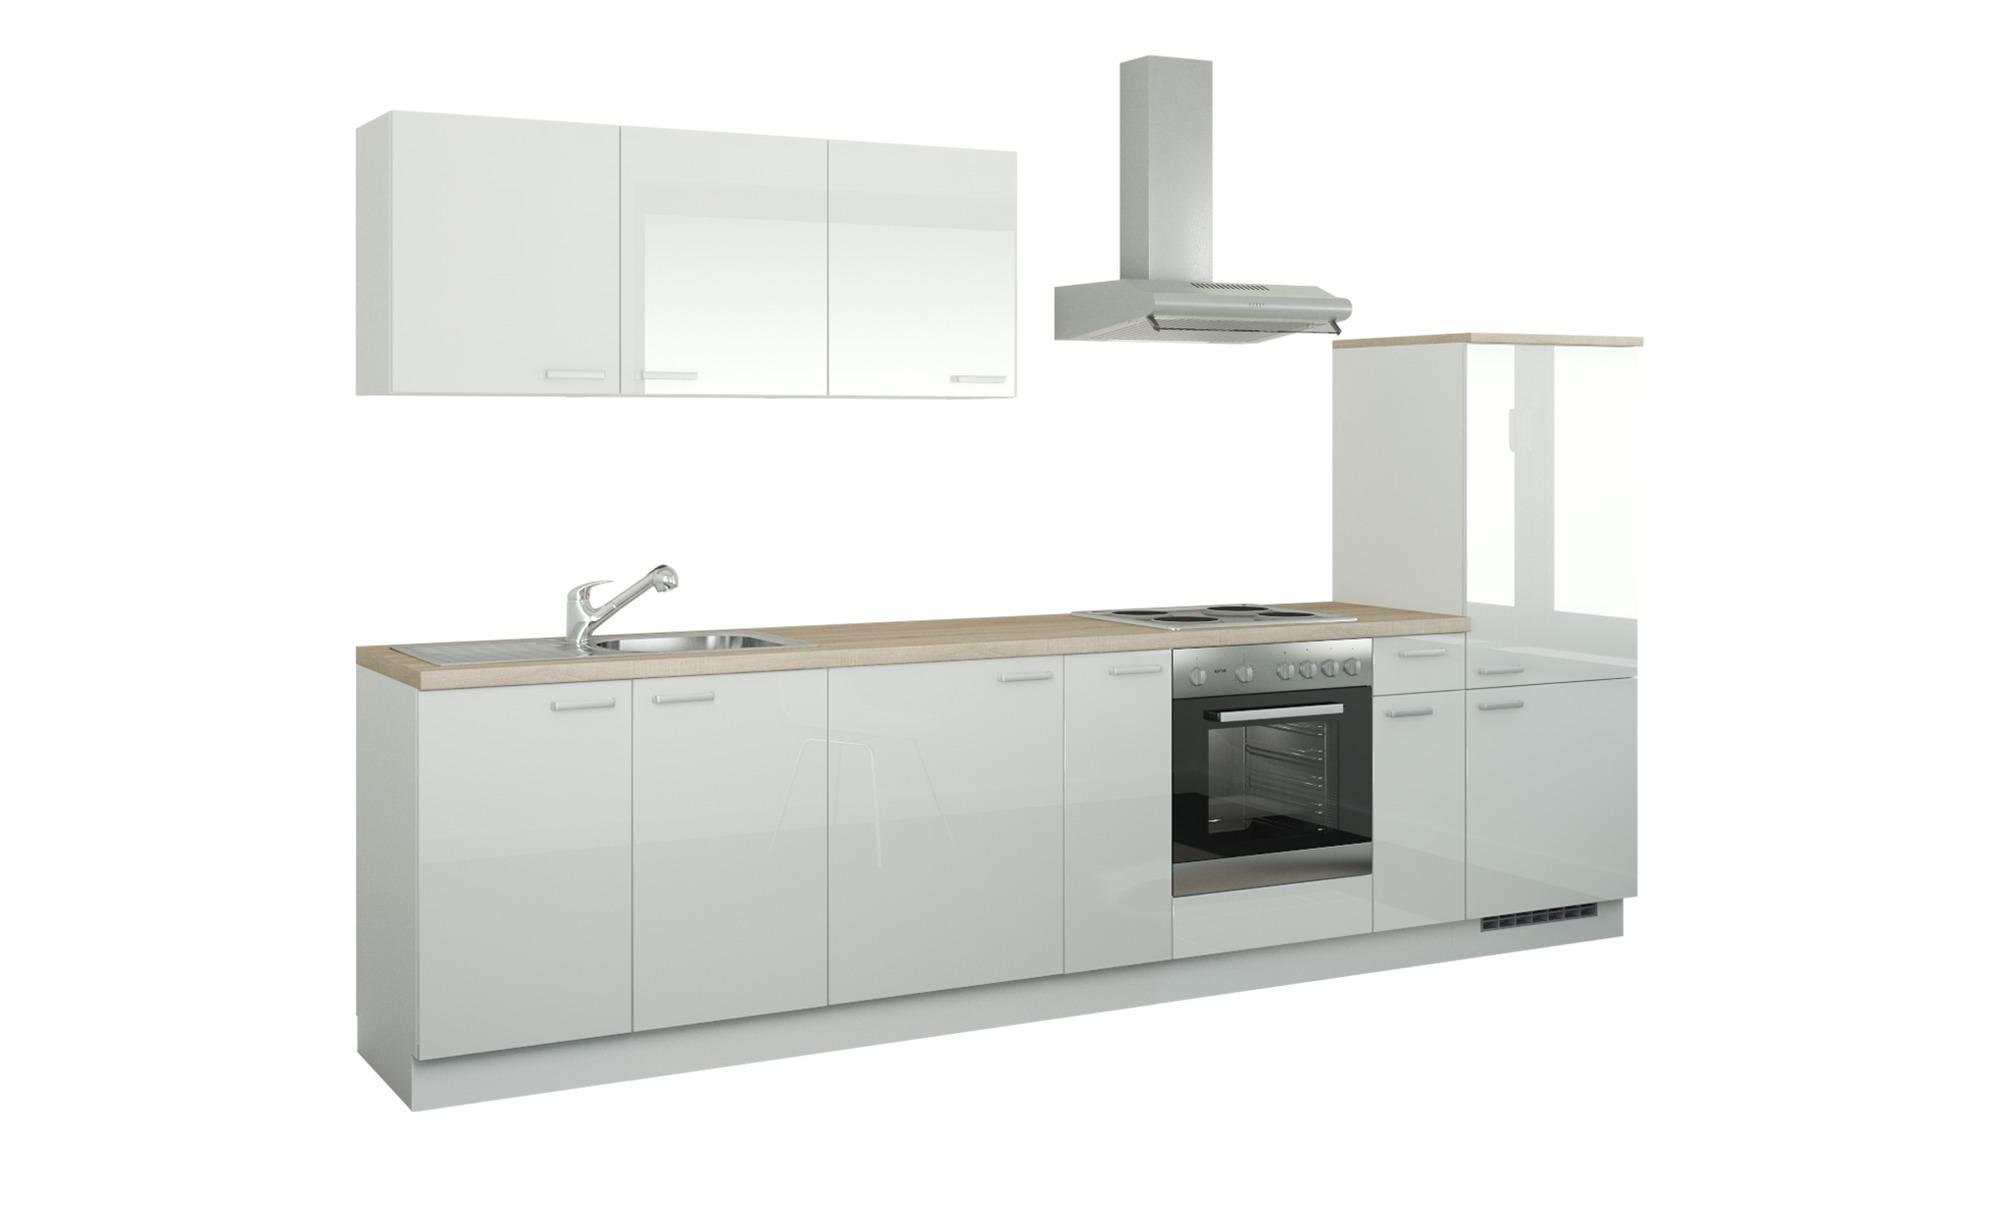 Küchenzeile mit Elektrogeräten - weiß - 330 cm - Aktuelle Gutschein Aktion > Schlafzimmer Aktion - Möbel Kraft | Küche und Esszimmer > Küchen > Küchenzeilen | Möbel Kraft